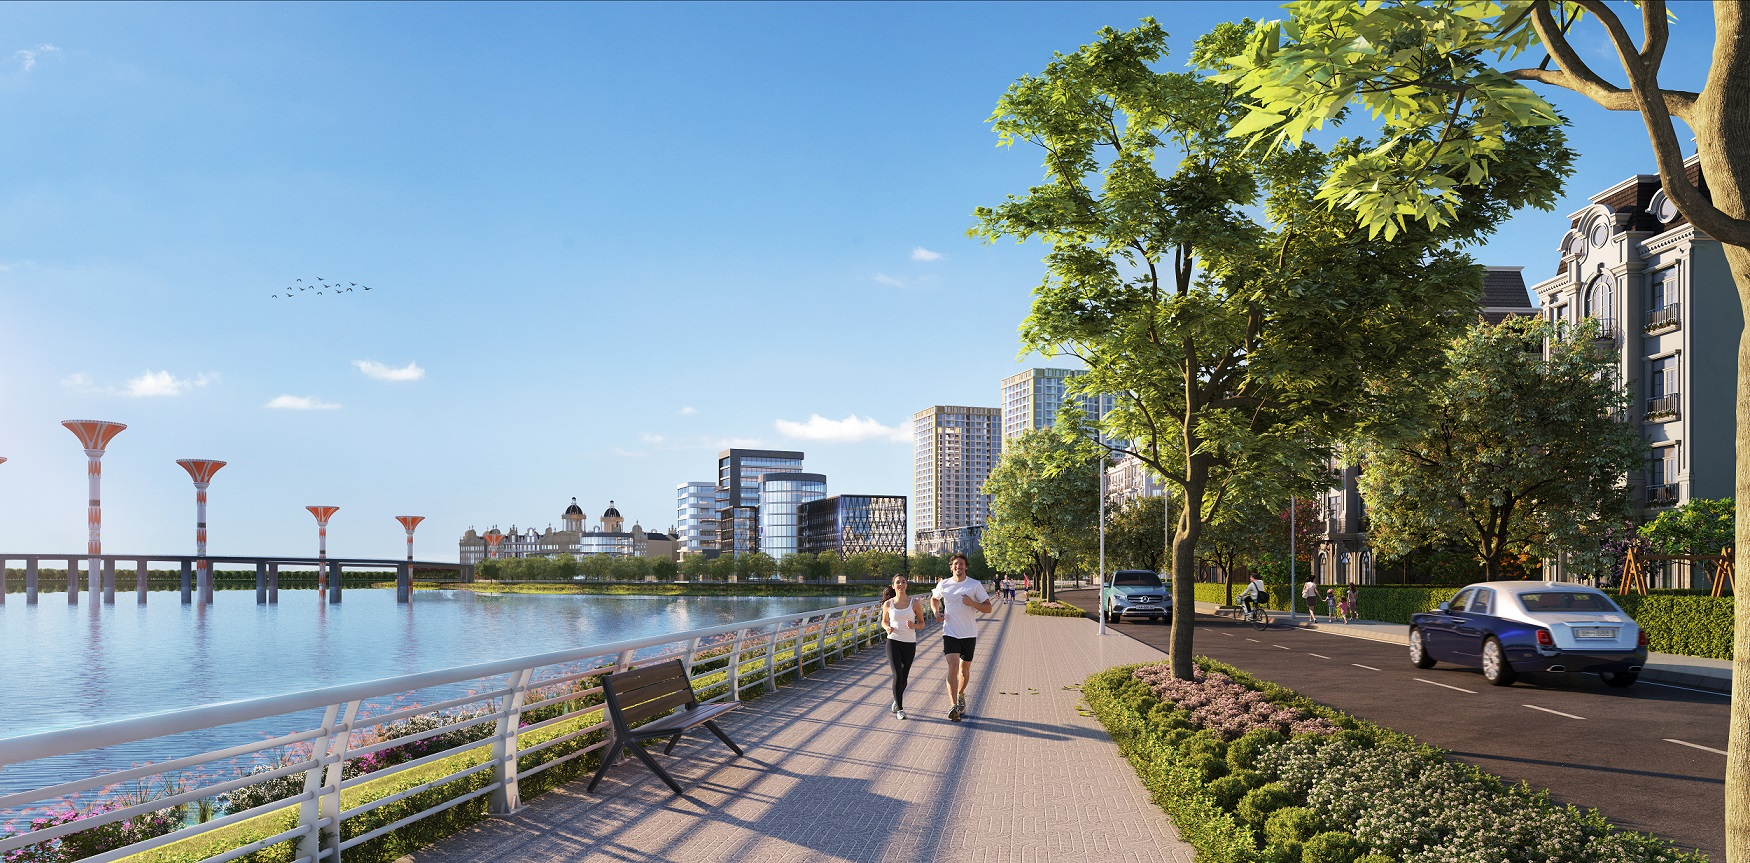 Kinh doanh, đầu tư, nghỉ dưỡng...đa mục tiêu tại River Bay Bắc Đầm Vạc Vĩnh Yên